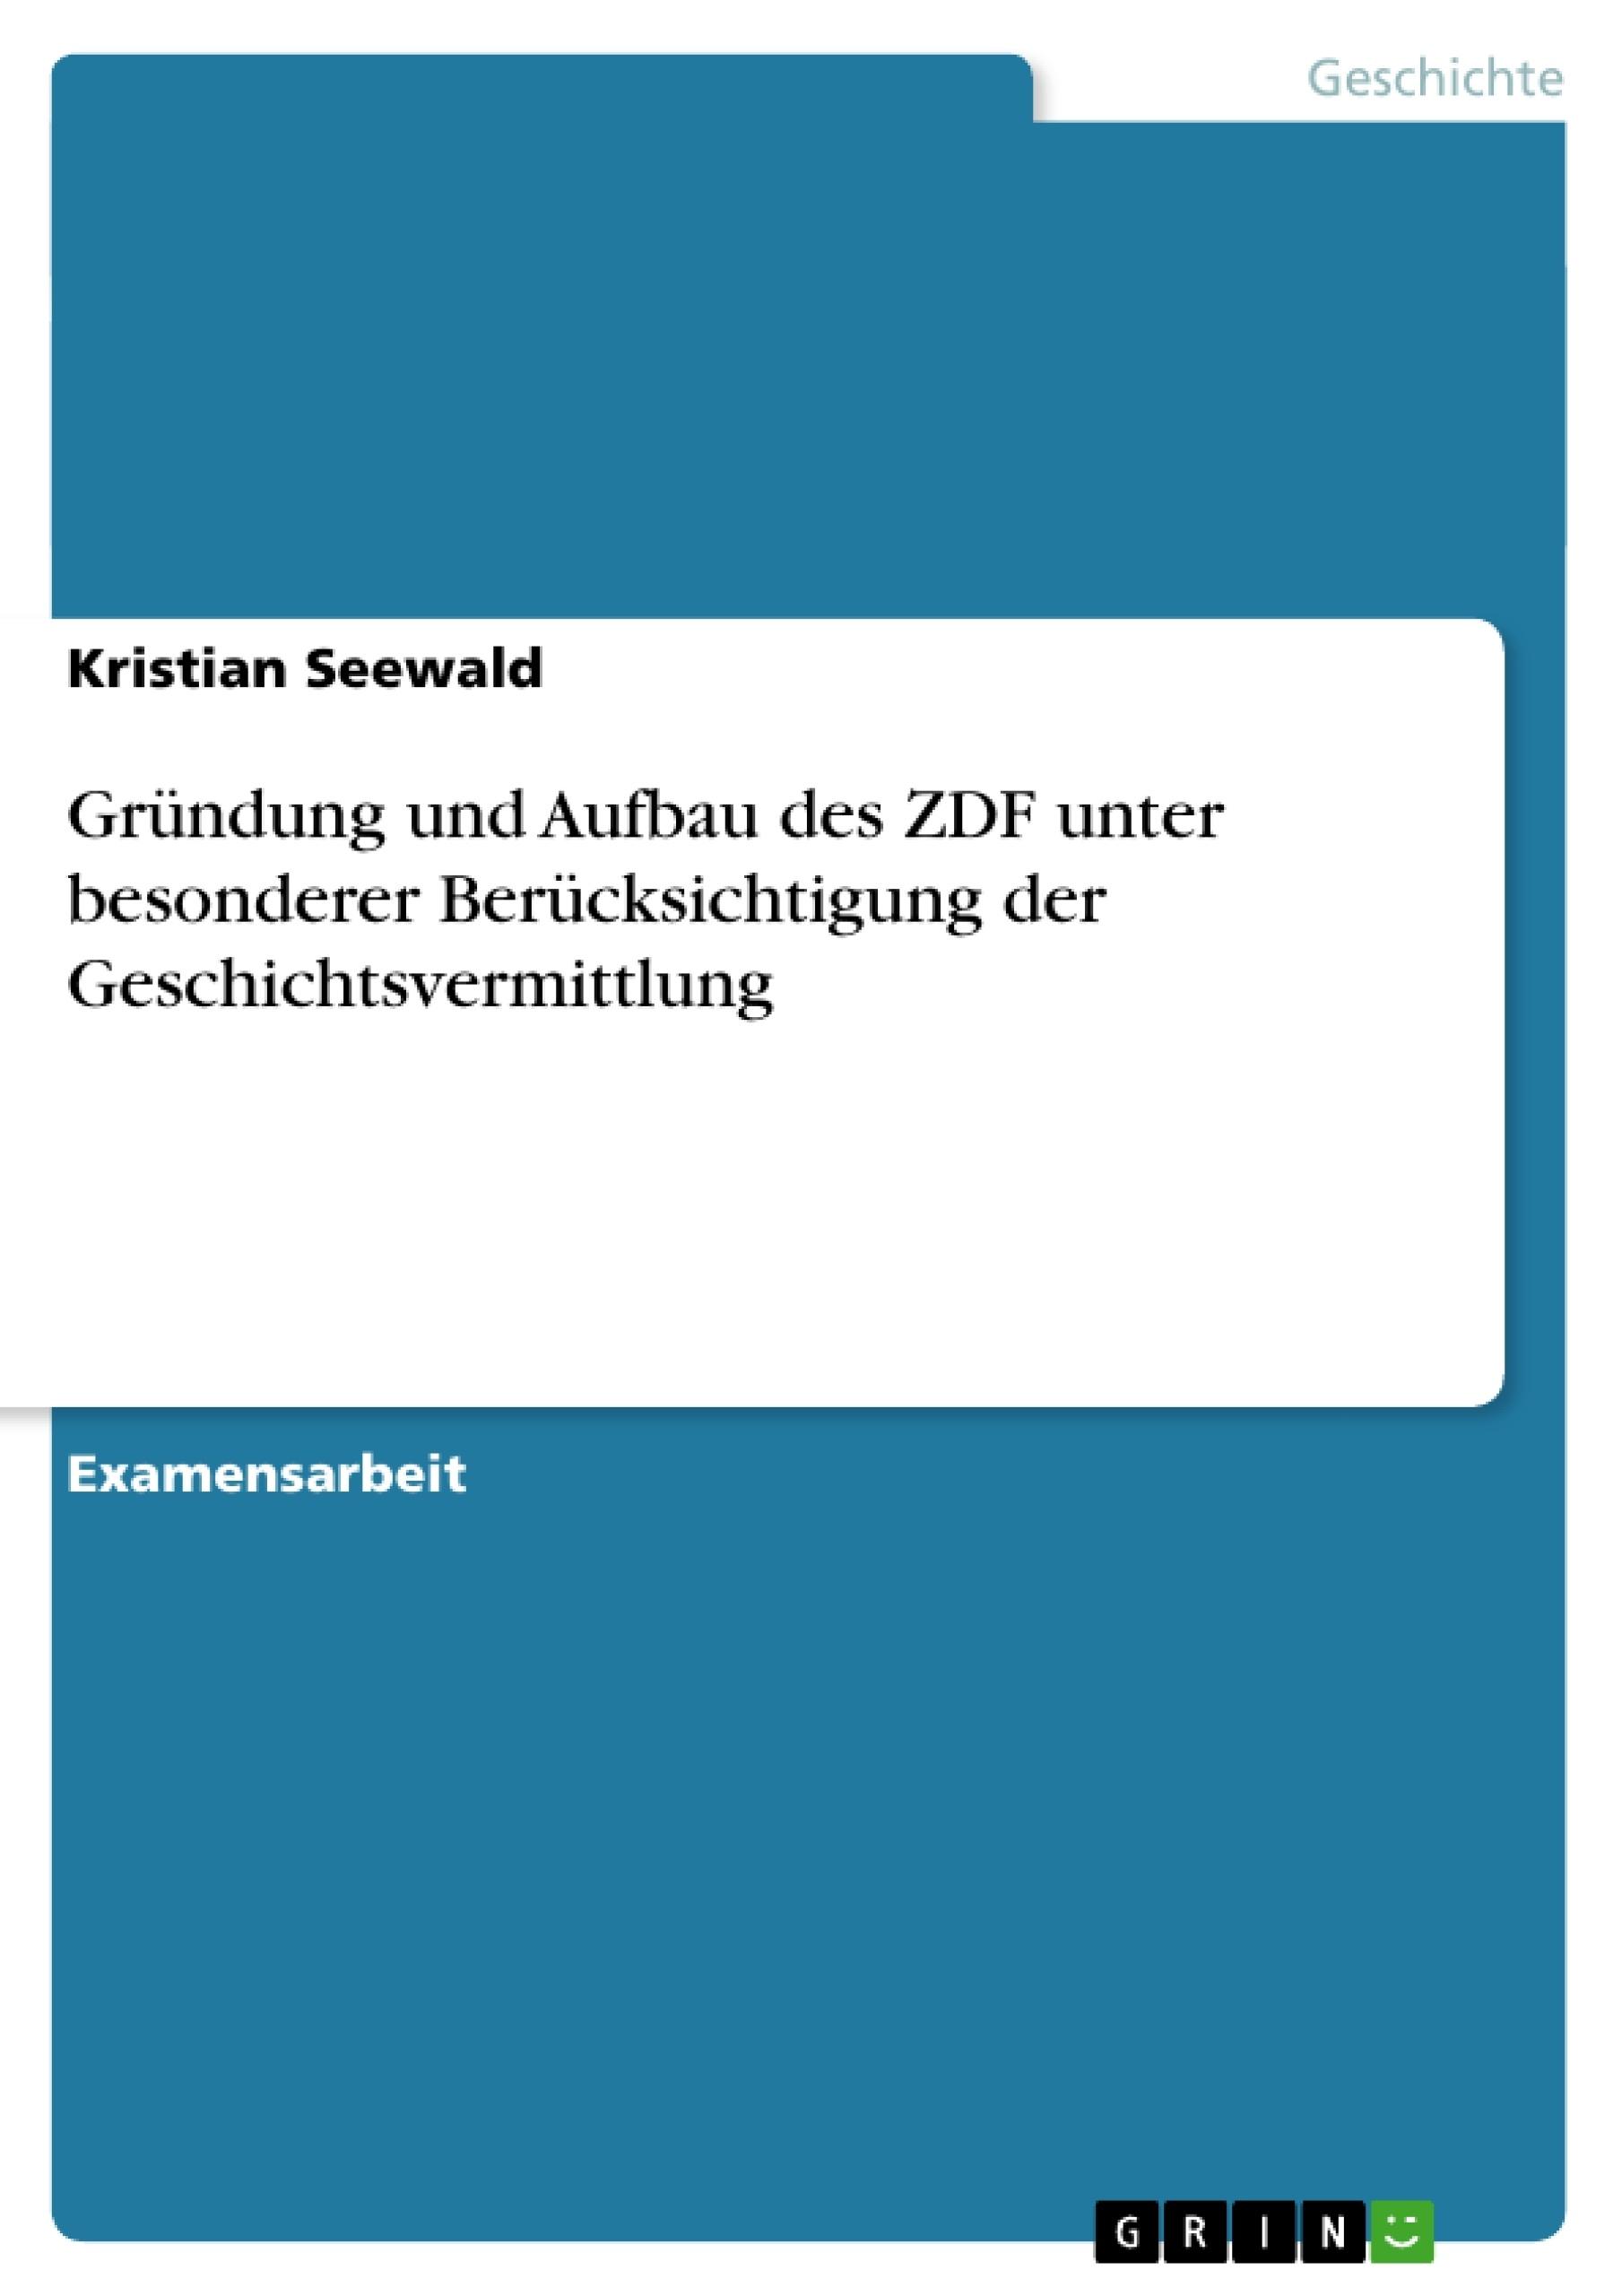 Titel: Gründung und Aufbau des ZDF unter besonderer Berücksichtigung der Geschichtsvermittlung